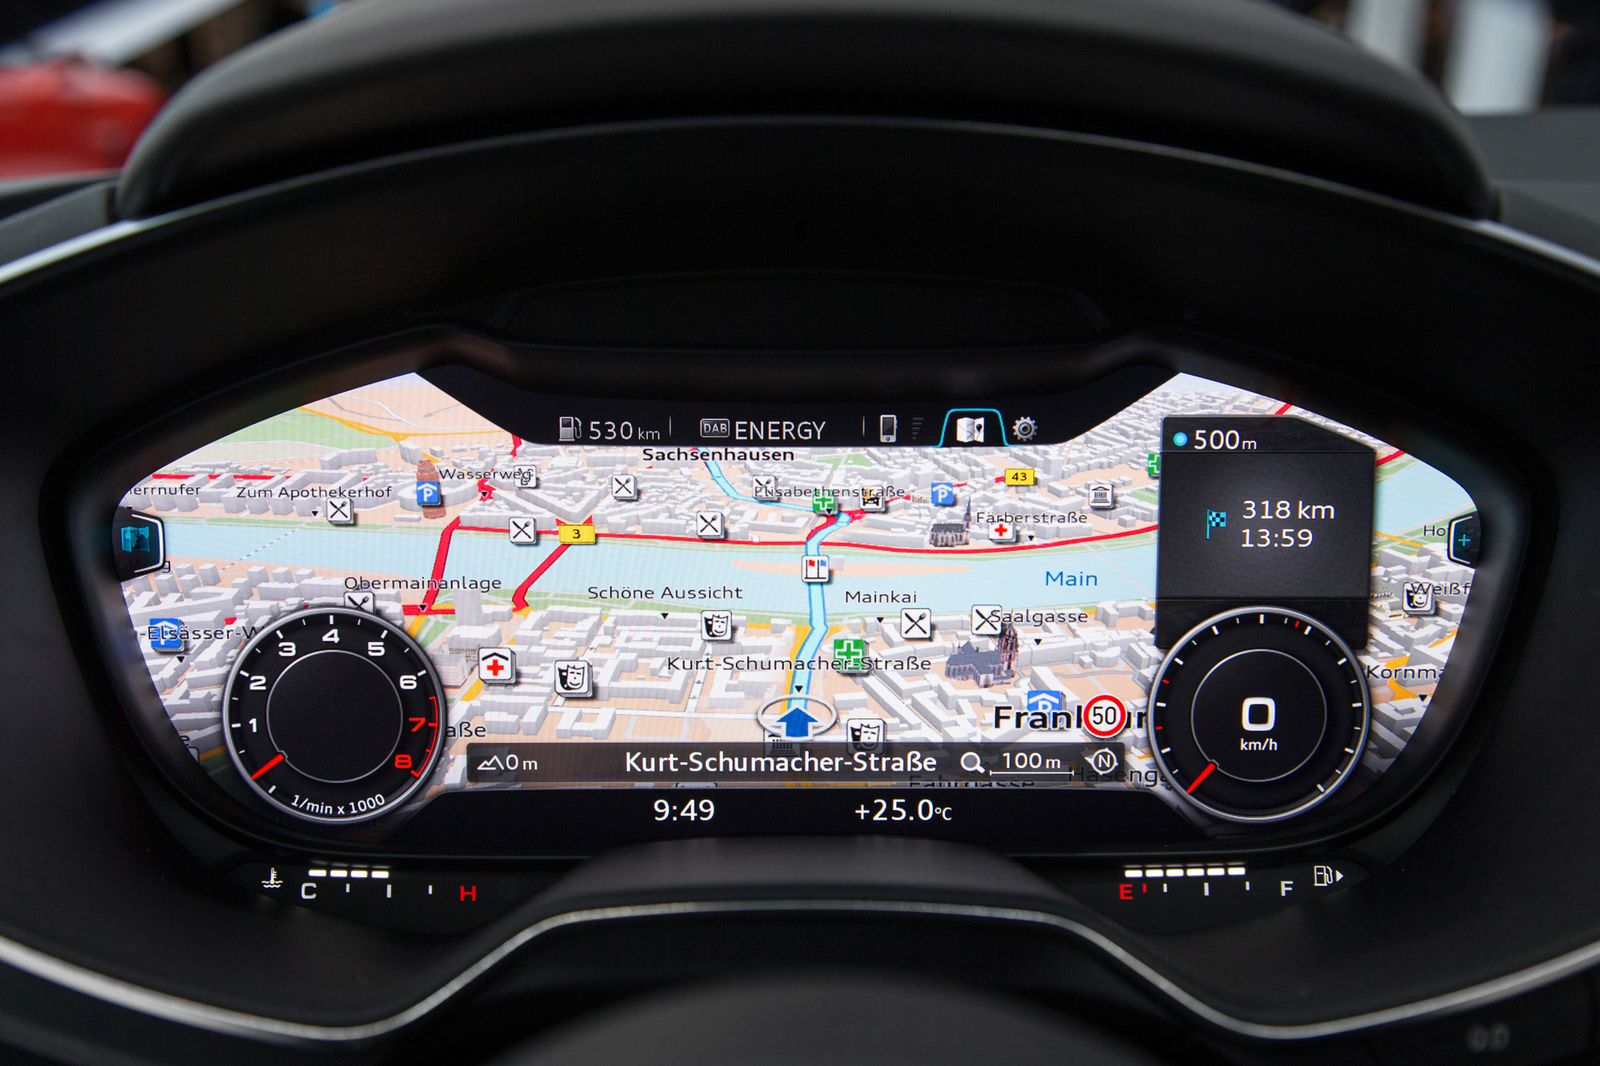 2014 / Audi TT / Lenkrad / Navigation